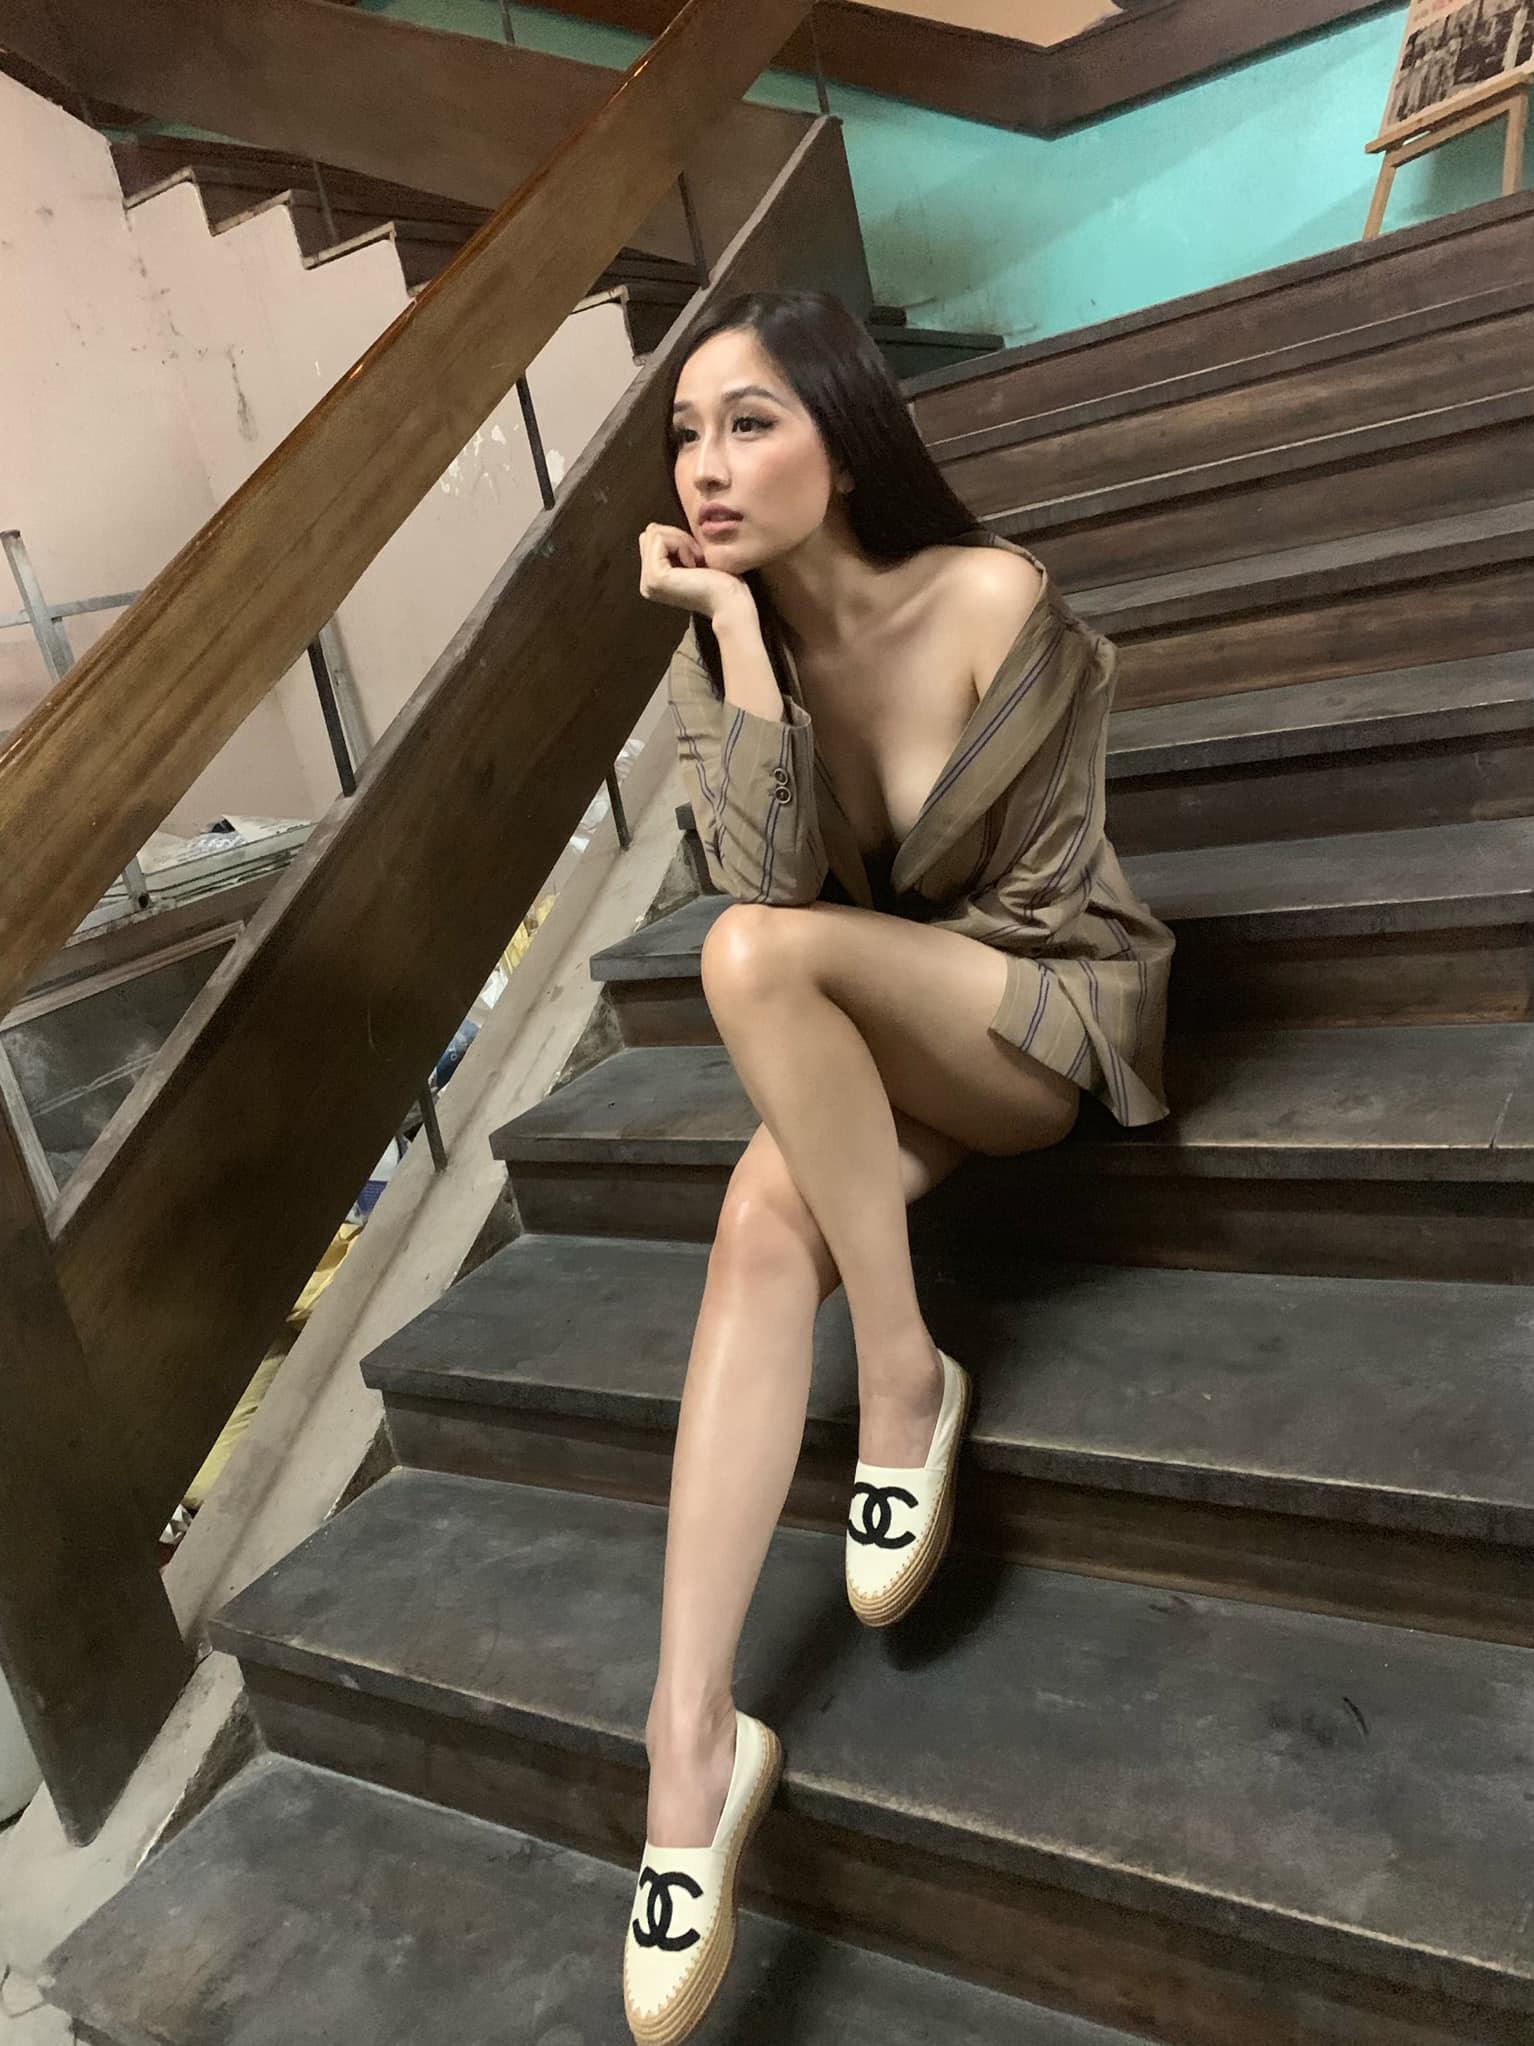 Hoa hậu mặc bốc nhất hẳn là Mai Phương Thúy: Chuyên diện váy áo trễ nải, nhiều phen vòng 1 như trào ra ngoài - Ảnh 5.